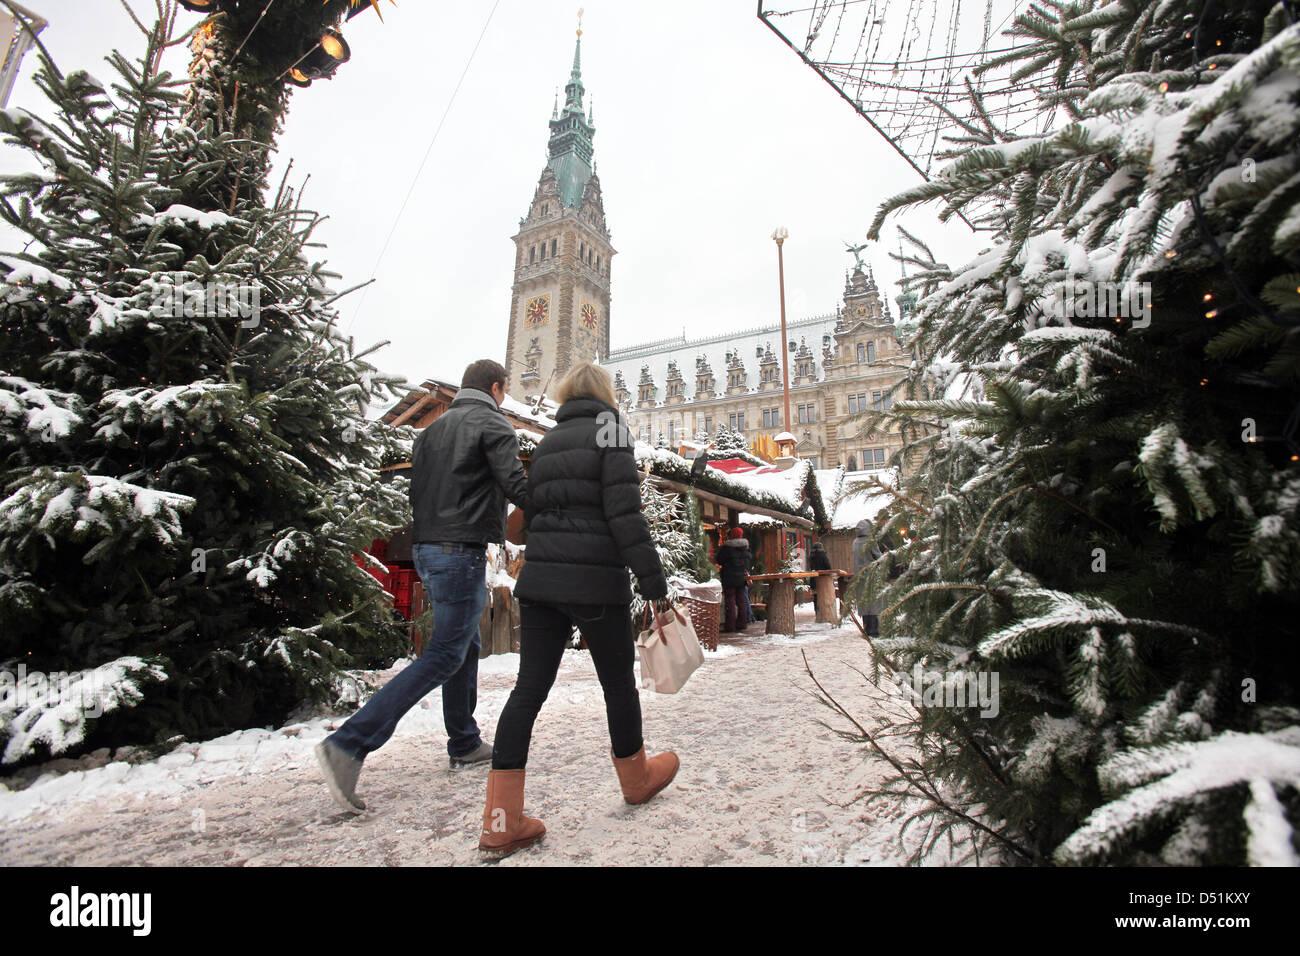 Passanten gehen am Donnerstag (23.12.2010) über den verschneiten Weihnachtsmarkt vor dem Rathaus in Hamburg. - Stock Image